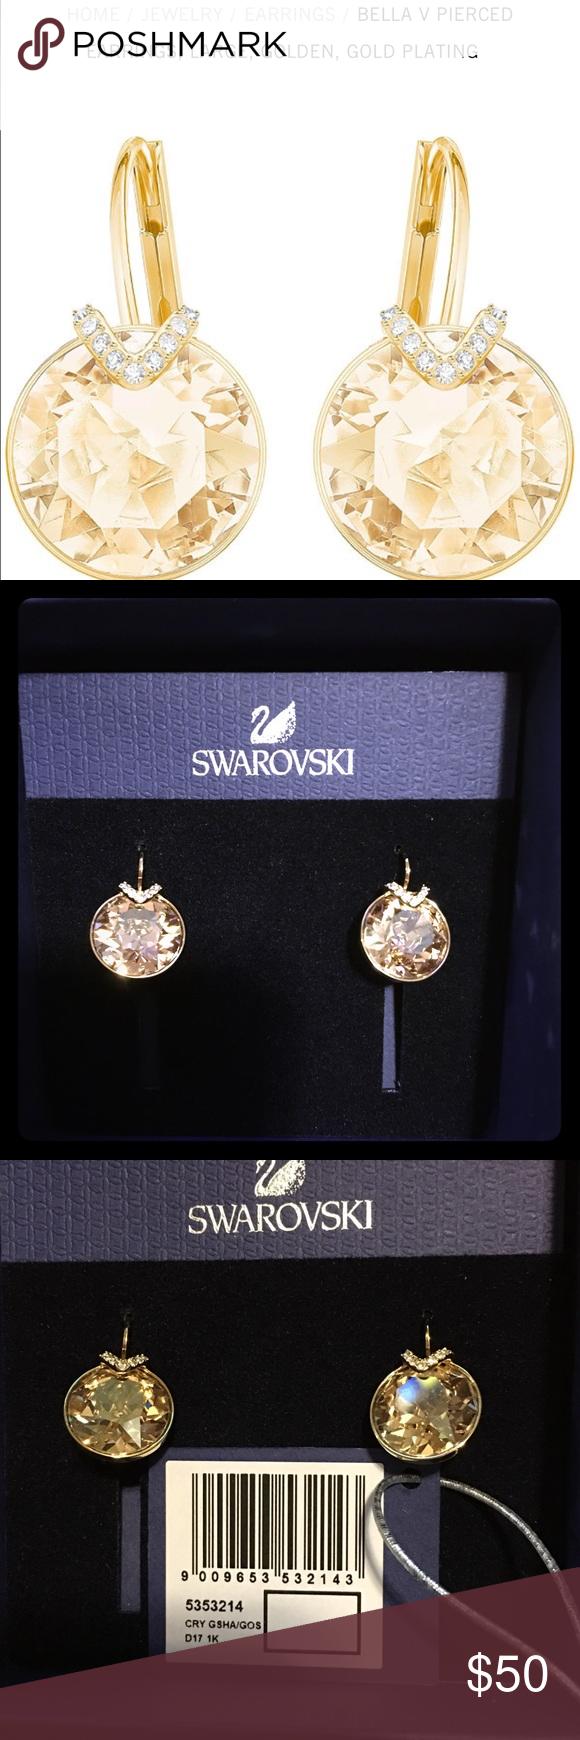 c707026e3 SWAROVSKI EARRINGS, LARGE, GOLDEN, GOLD PLATE Brand new Swarovski Bella V  style earrings, large, golden, gold plating. Style 535214.